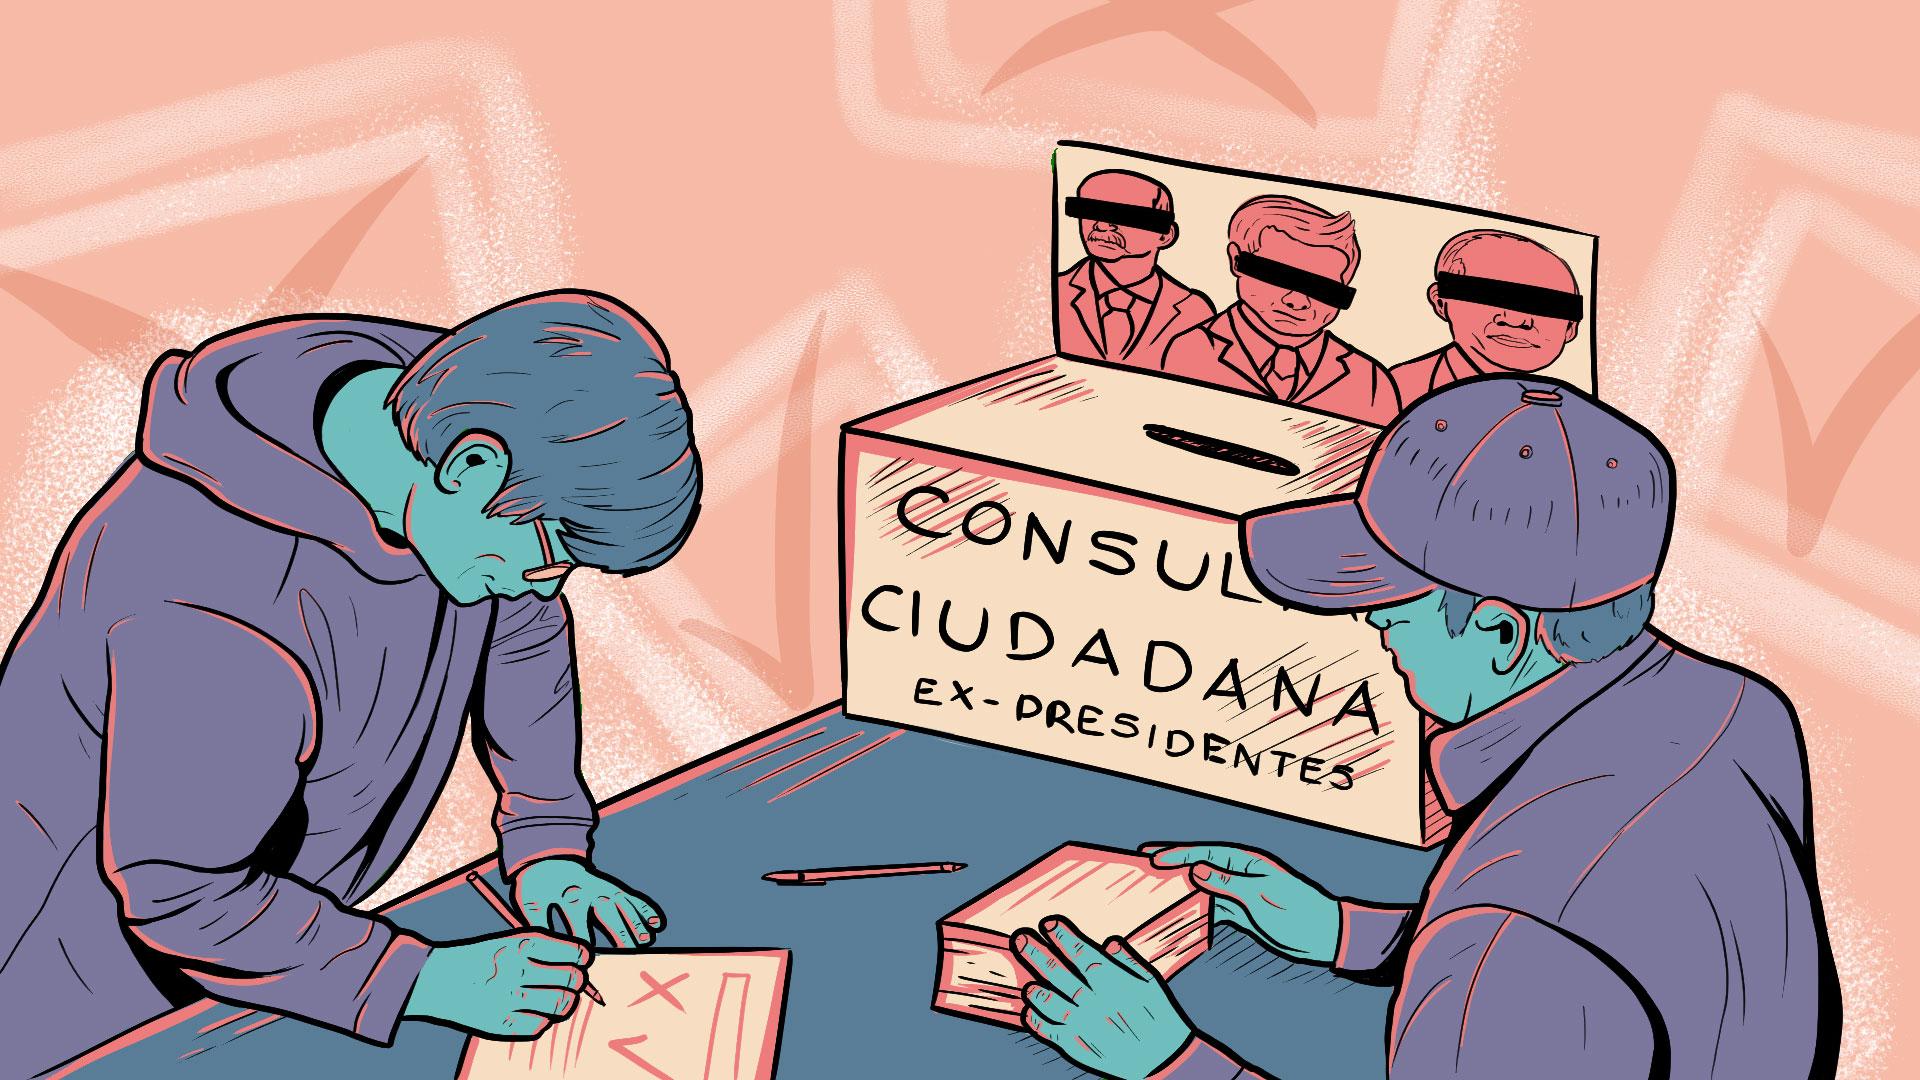 consulta ciudadana 2021 en méxico